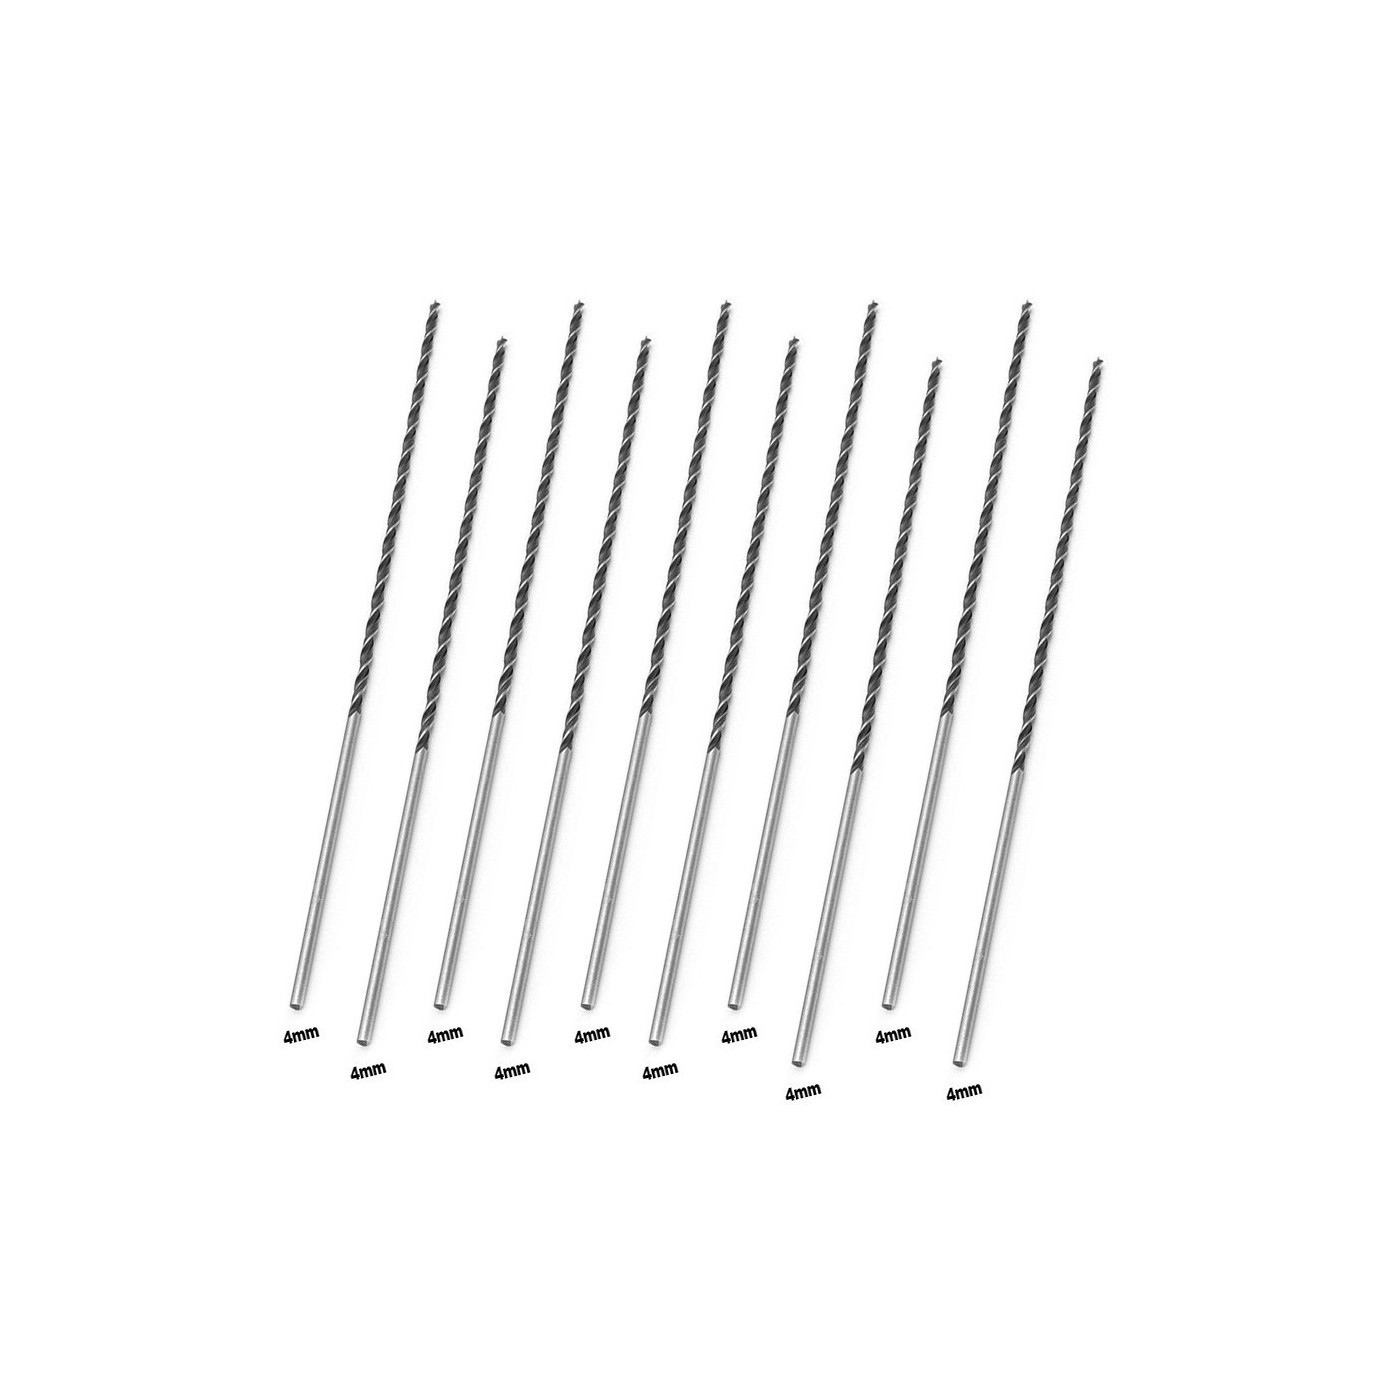 Jeu de 10 forets à bois extra longs (4x300 mm)